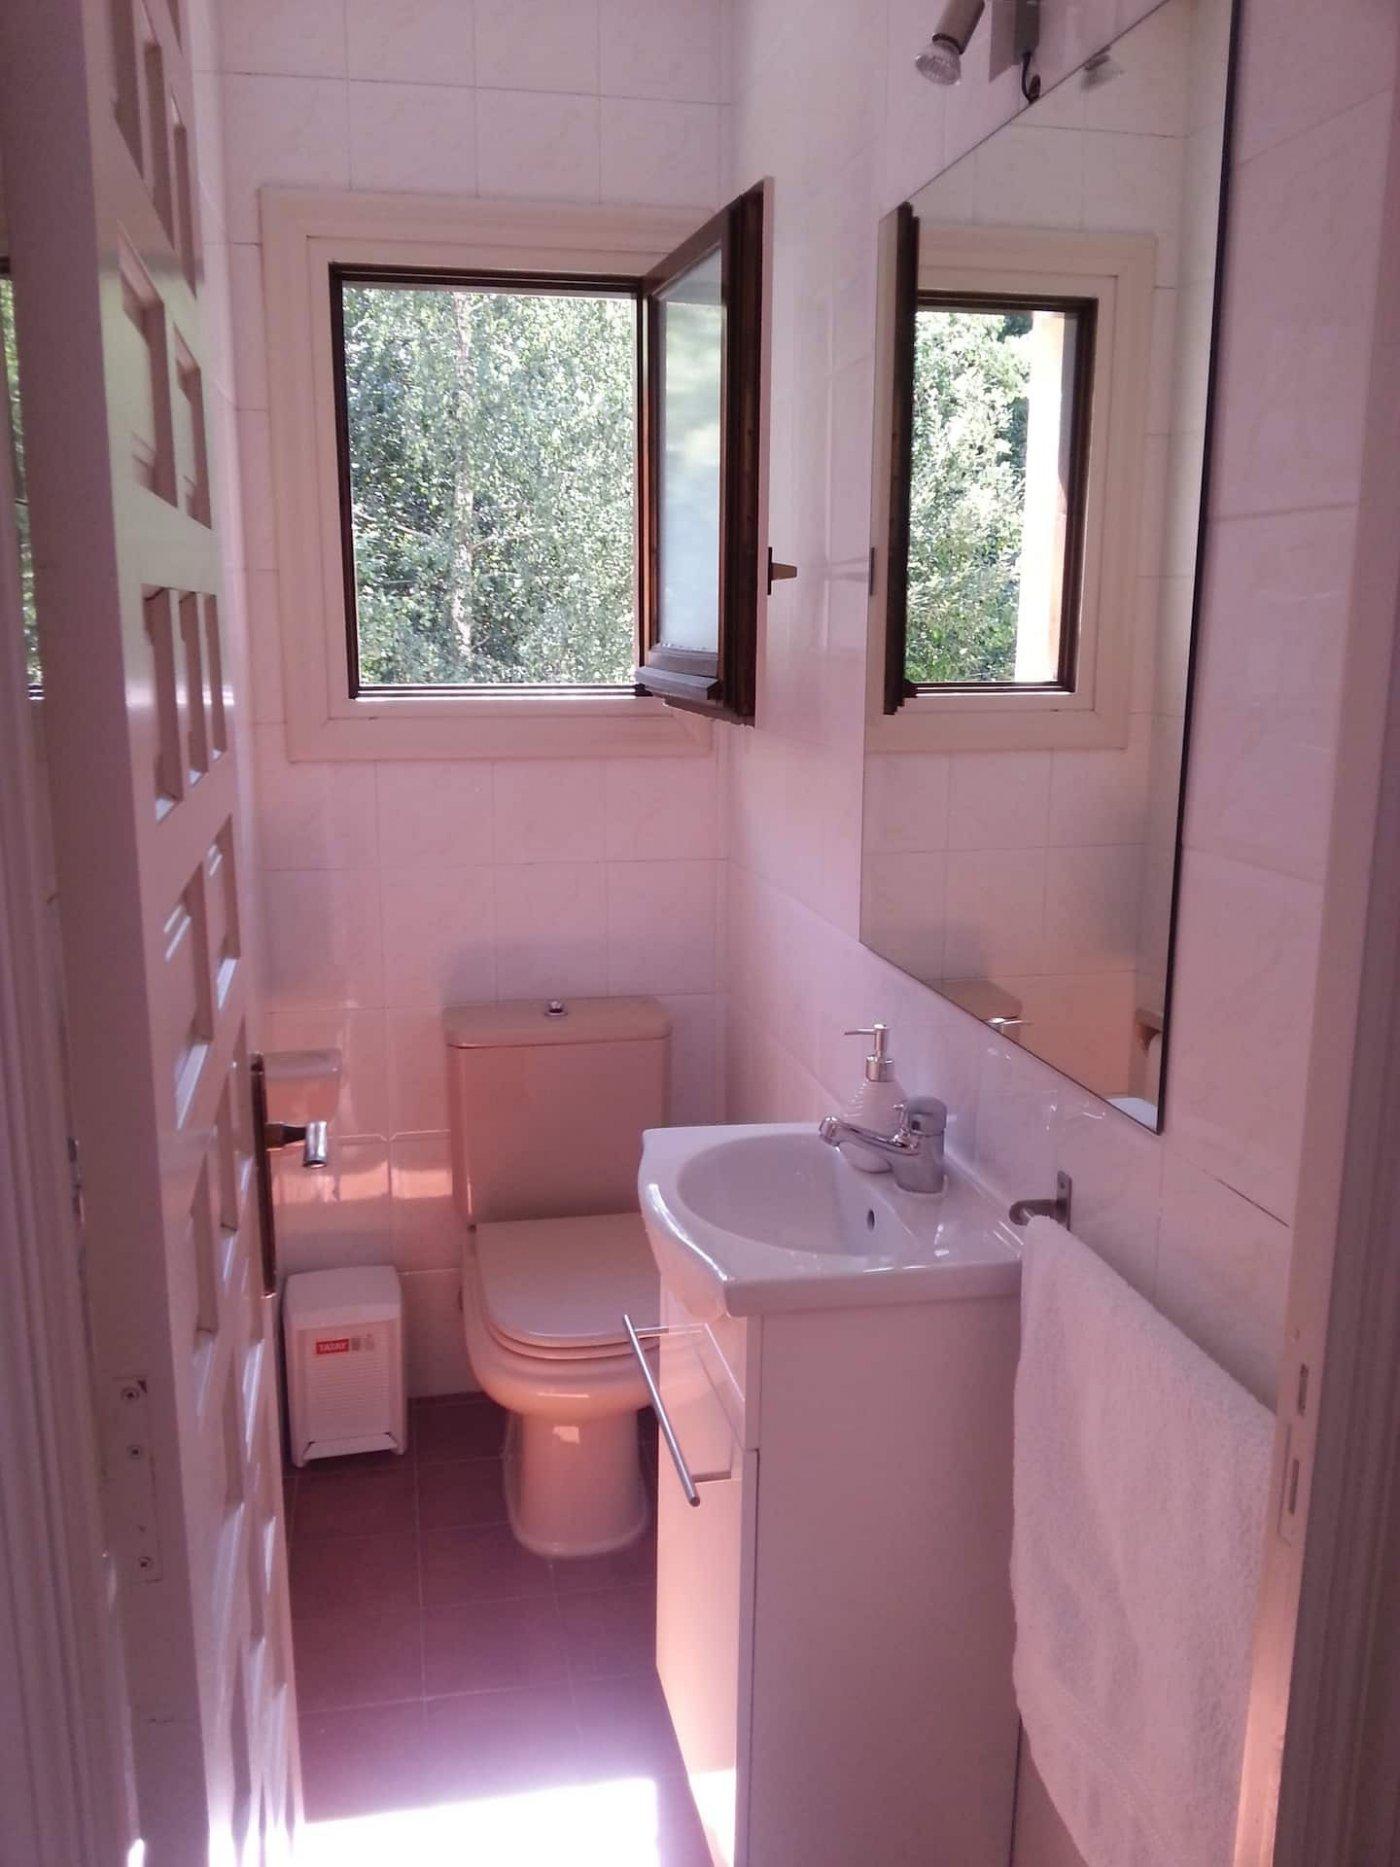 Pis de 1 habitació, 1 bany i un traster guardaesquís. A prop de pistes.